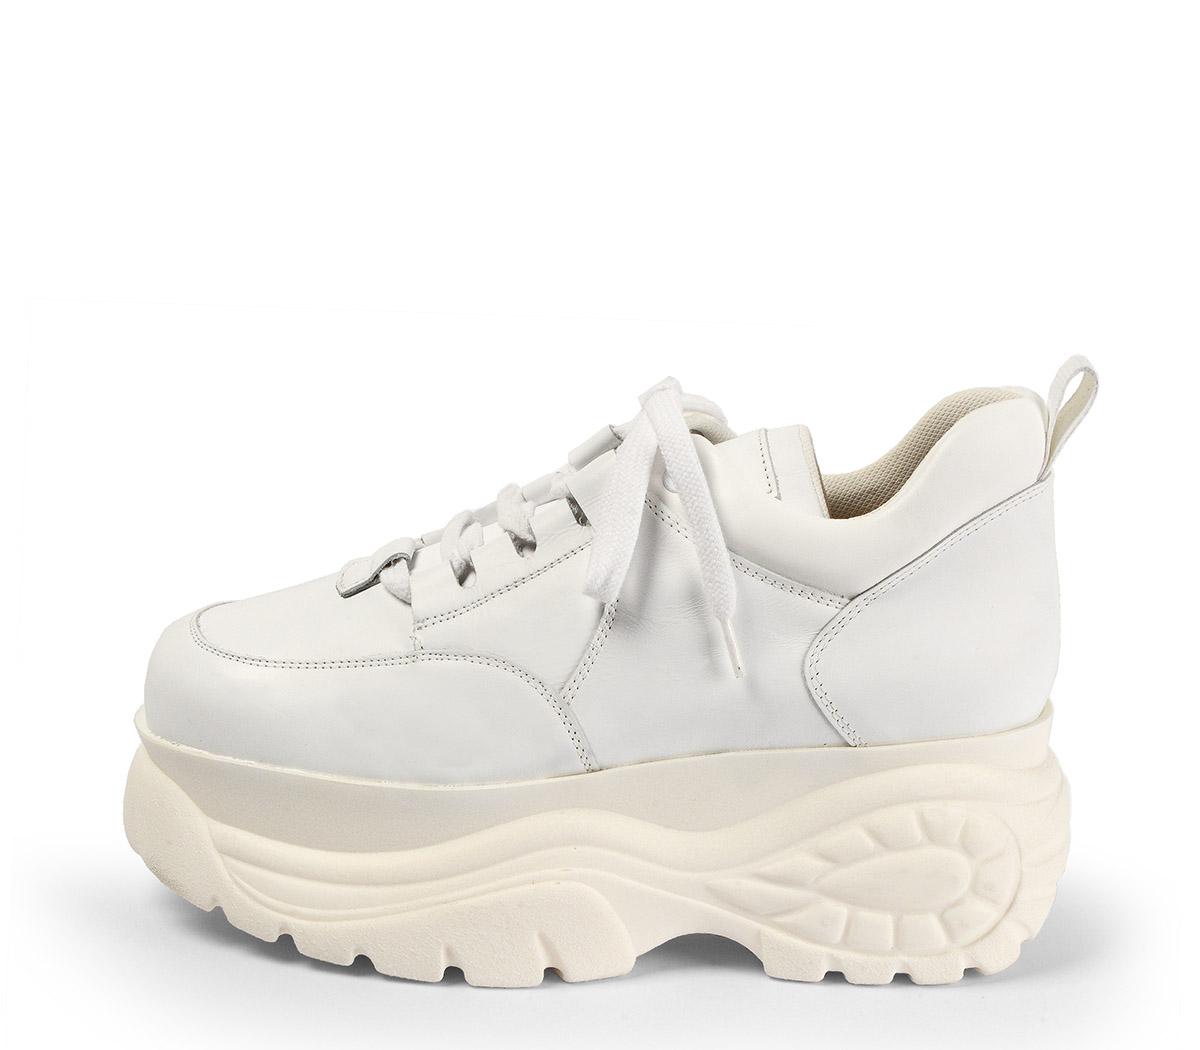 Ref. 4039 Sneaker piel blanca con cordones al tono. Altura plataforma trasera 6 cm y plataforma delantera 5 cm.